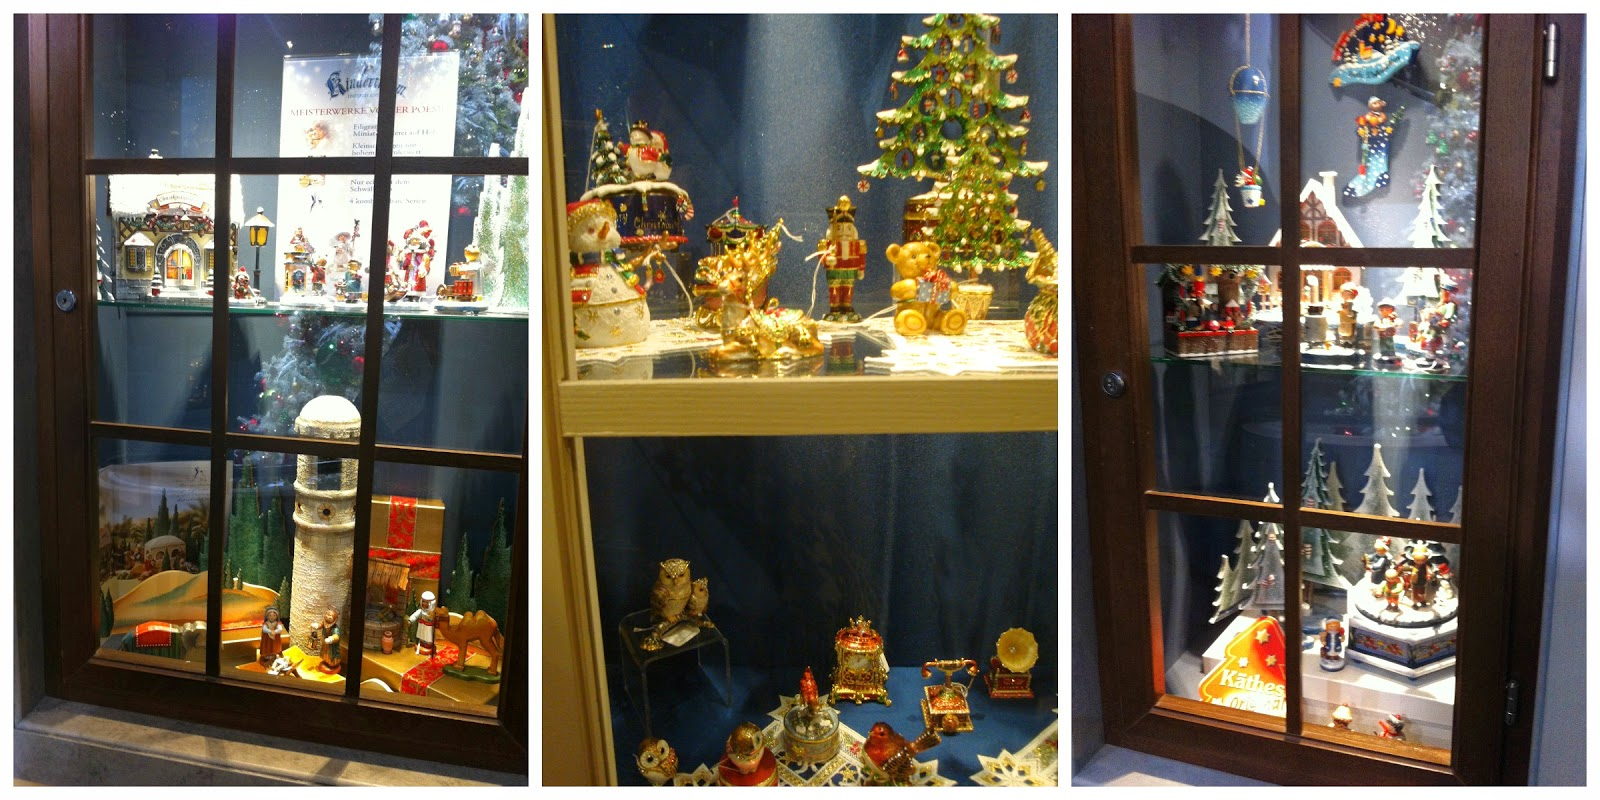 loja Käthe Wohlfahrt de decoração natalina em Berlim, Alemanha